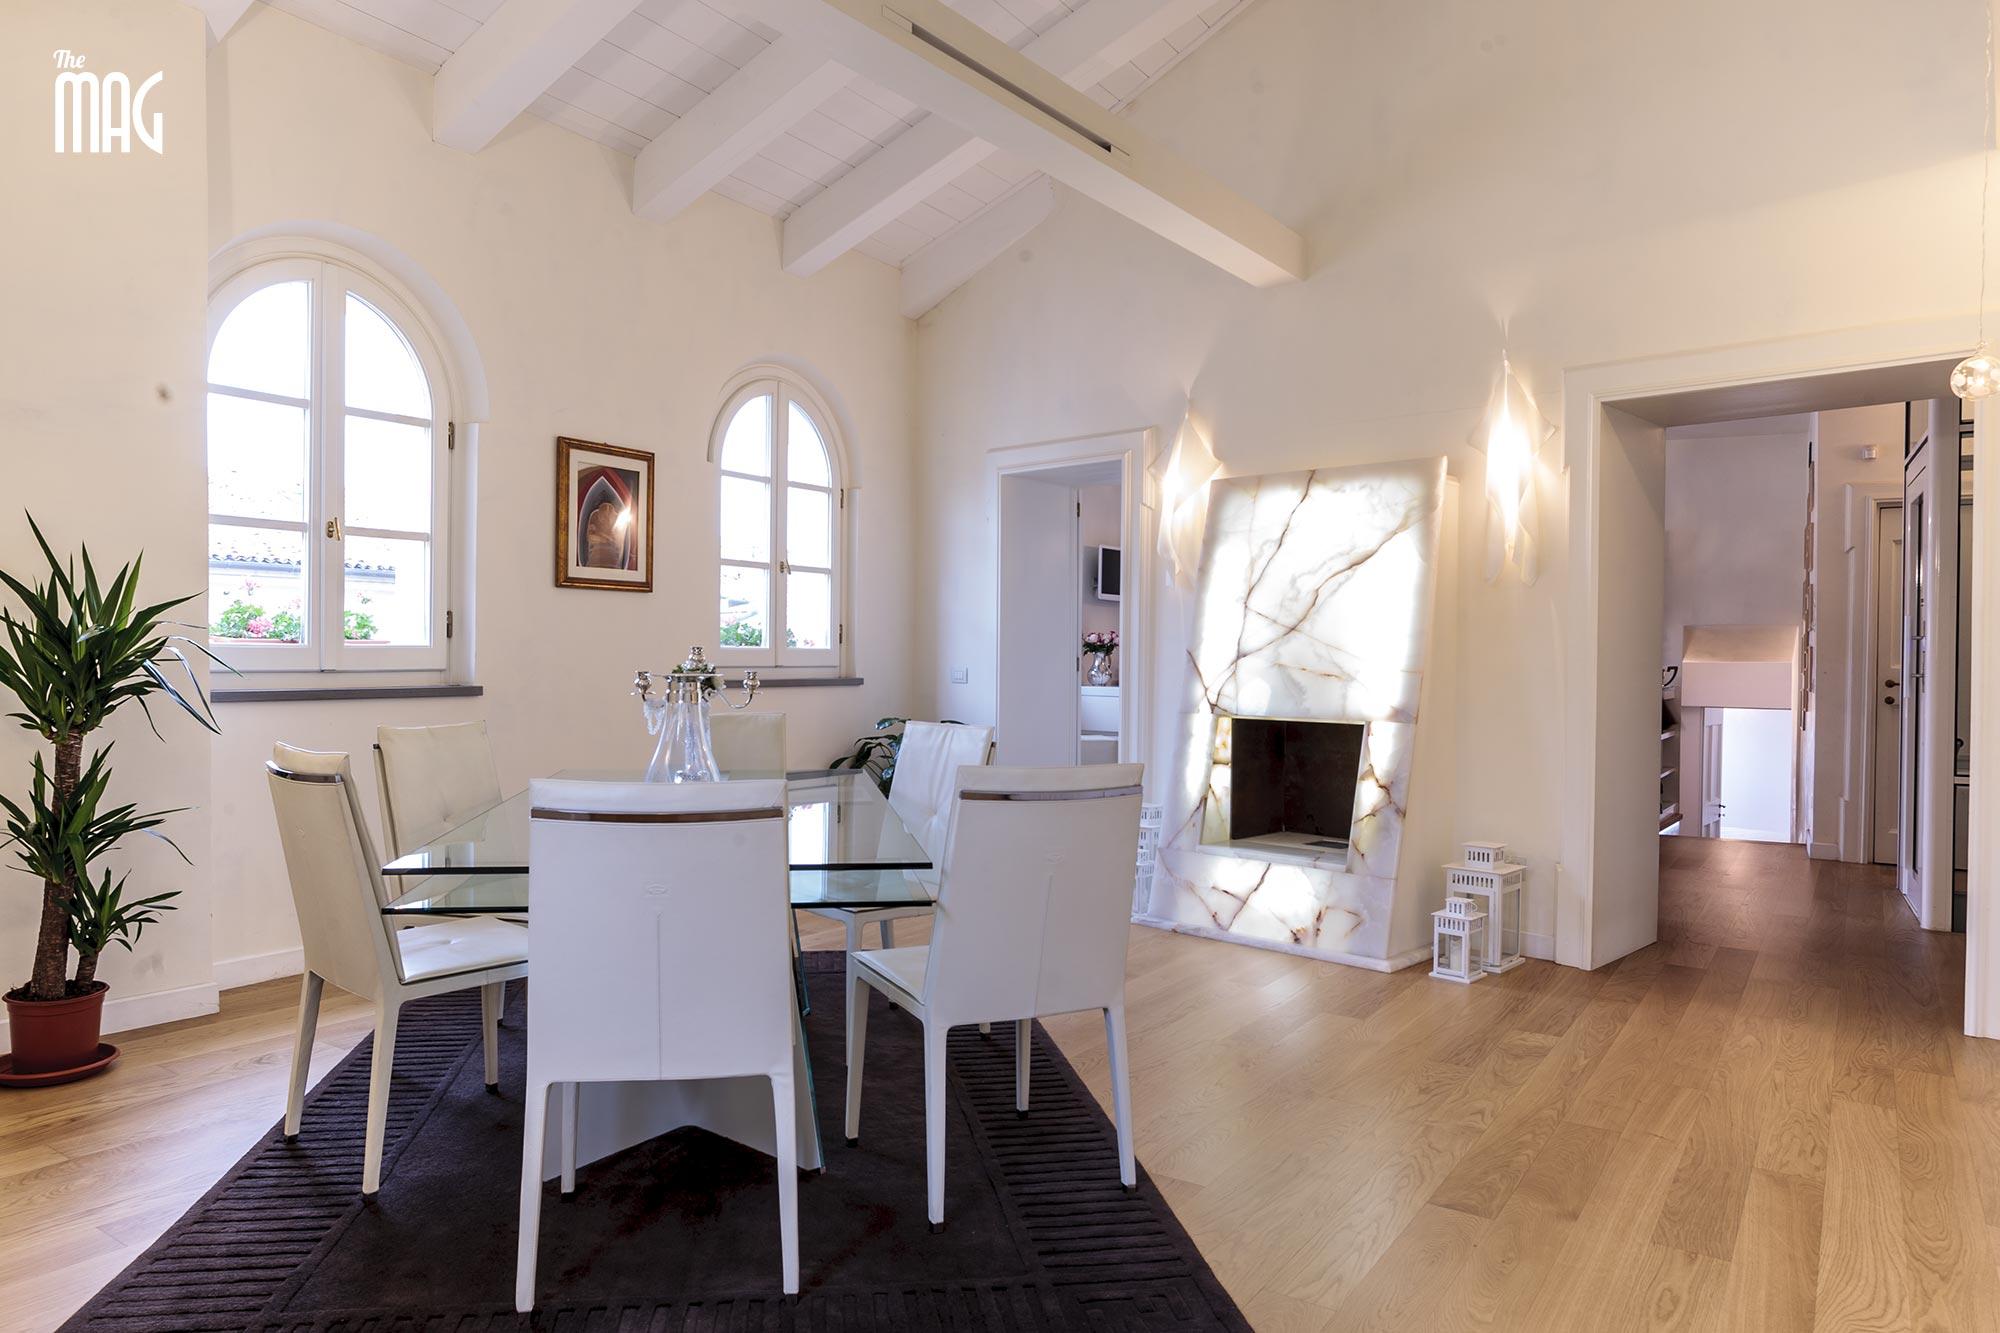 Arredamento soggiorno moderno con camino ~ avienix.com for .